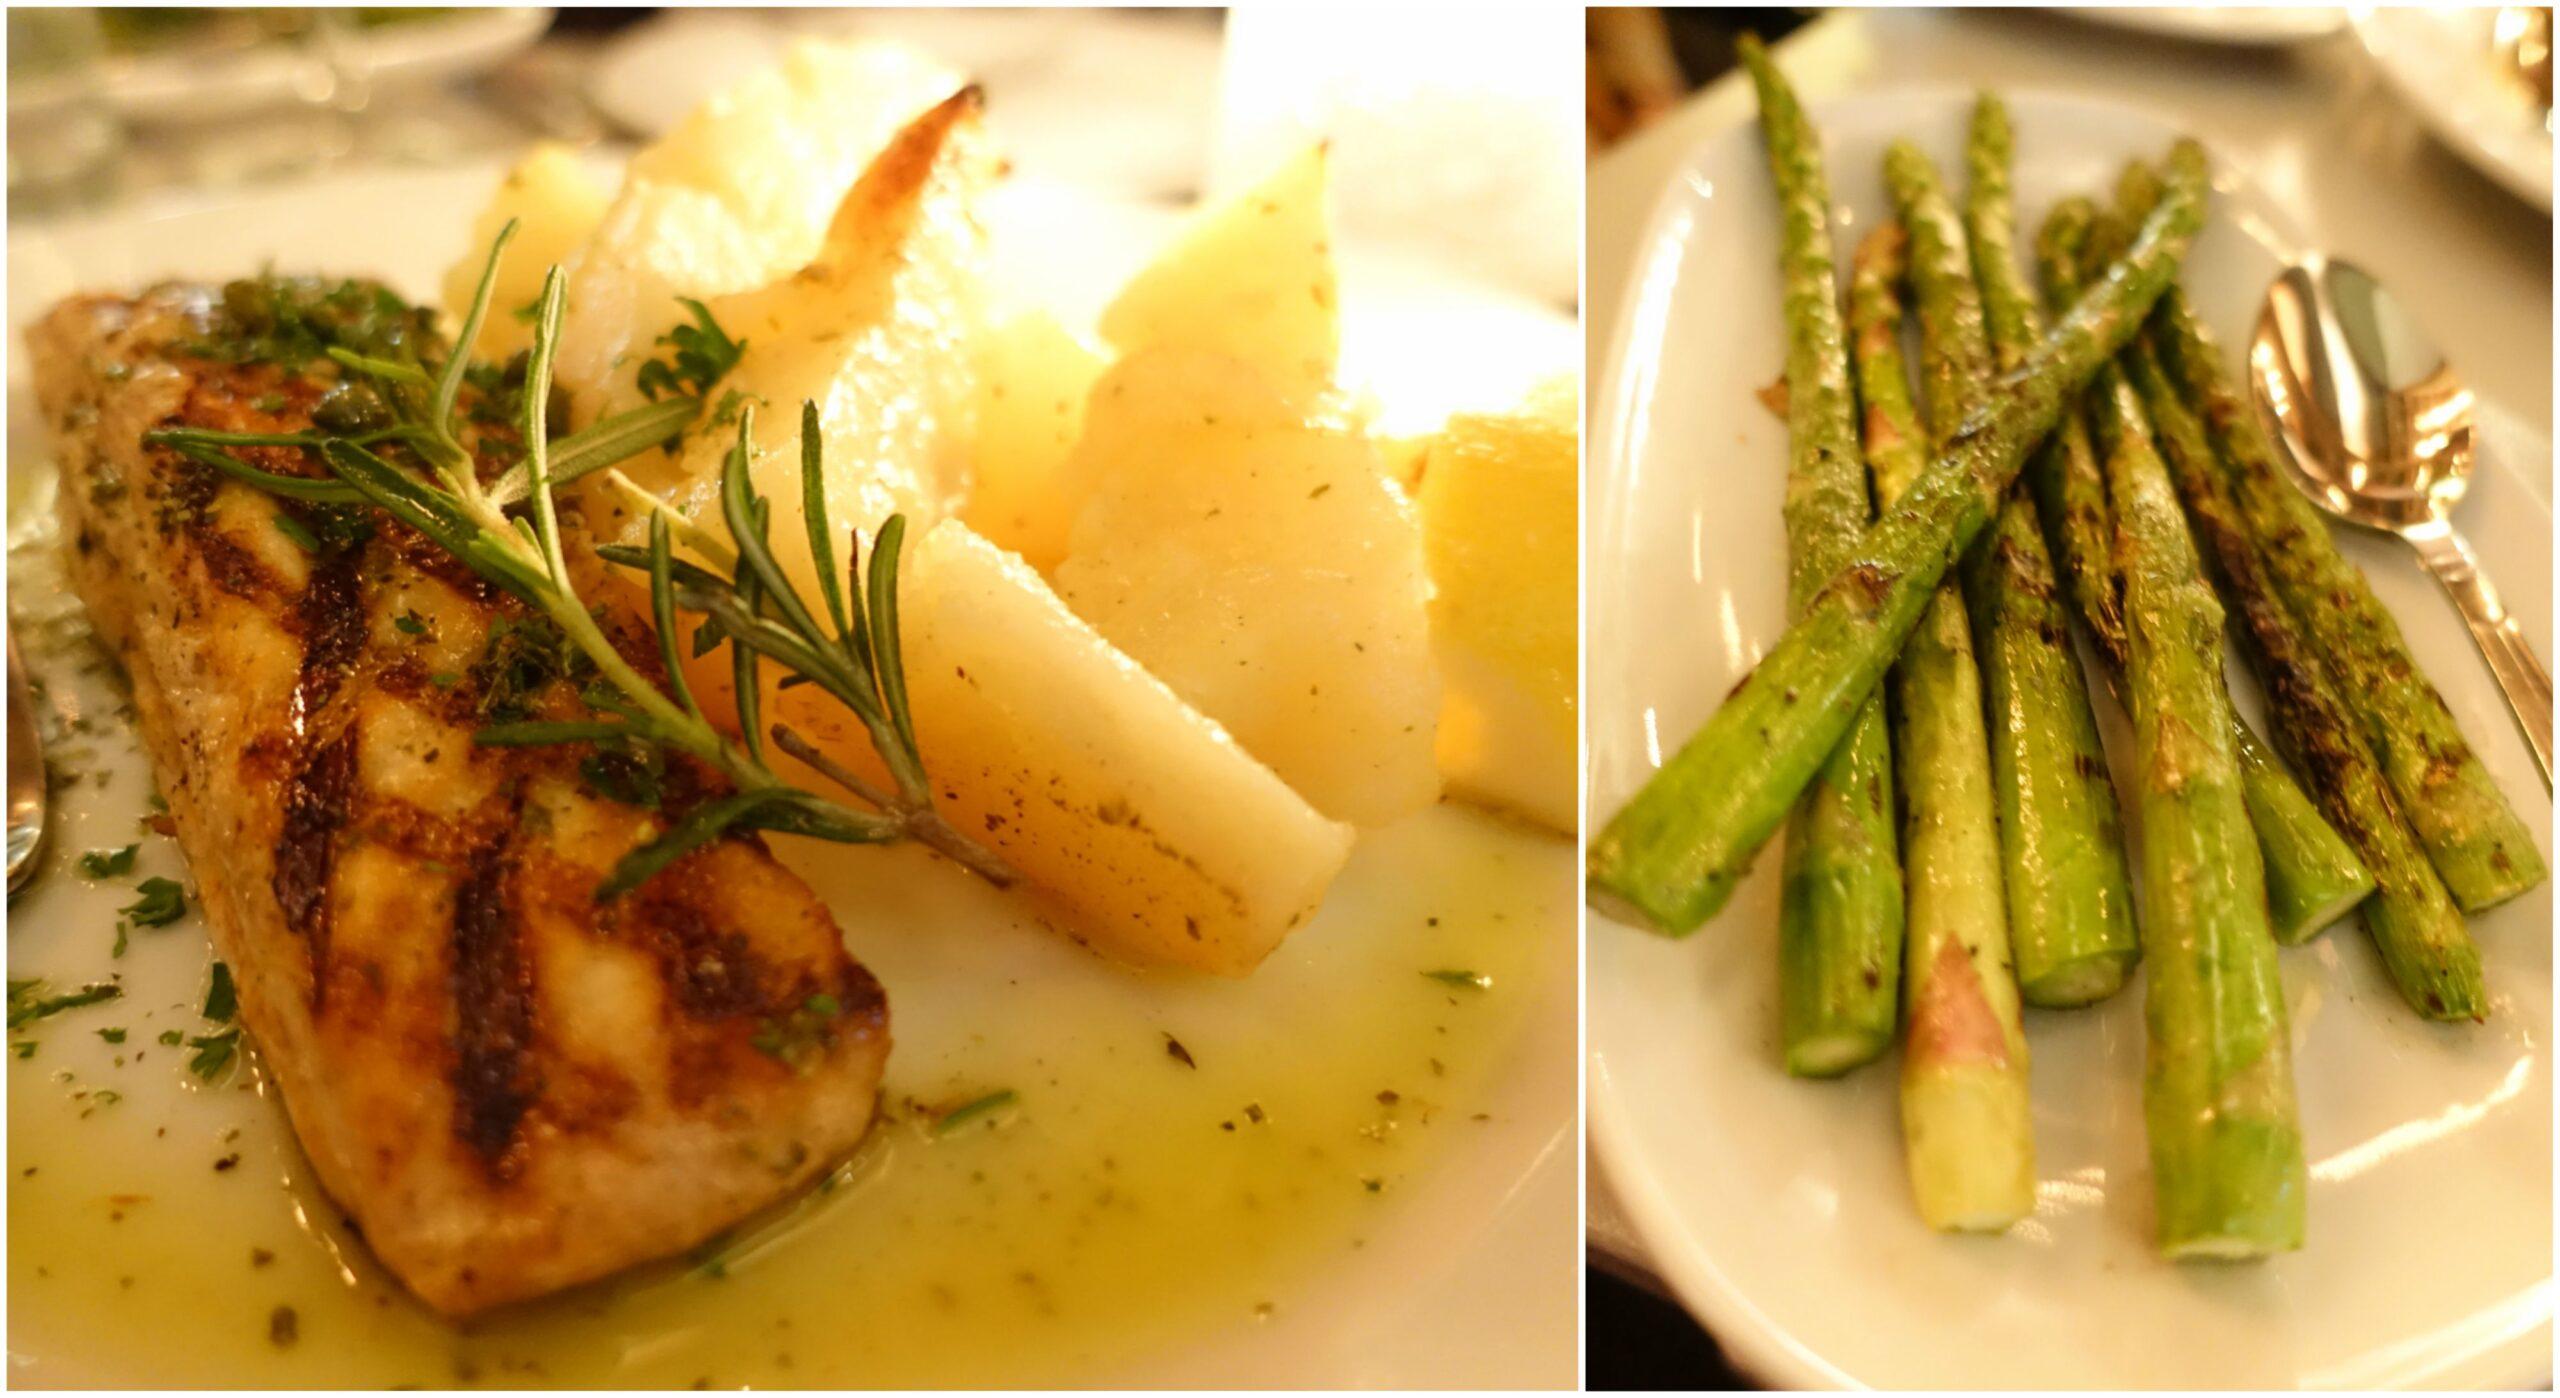 Salmon, Asparagus - Nisi Estiatorio, New York City